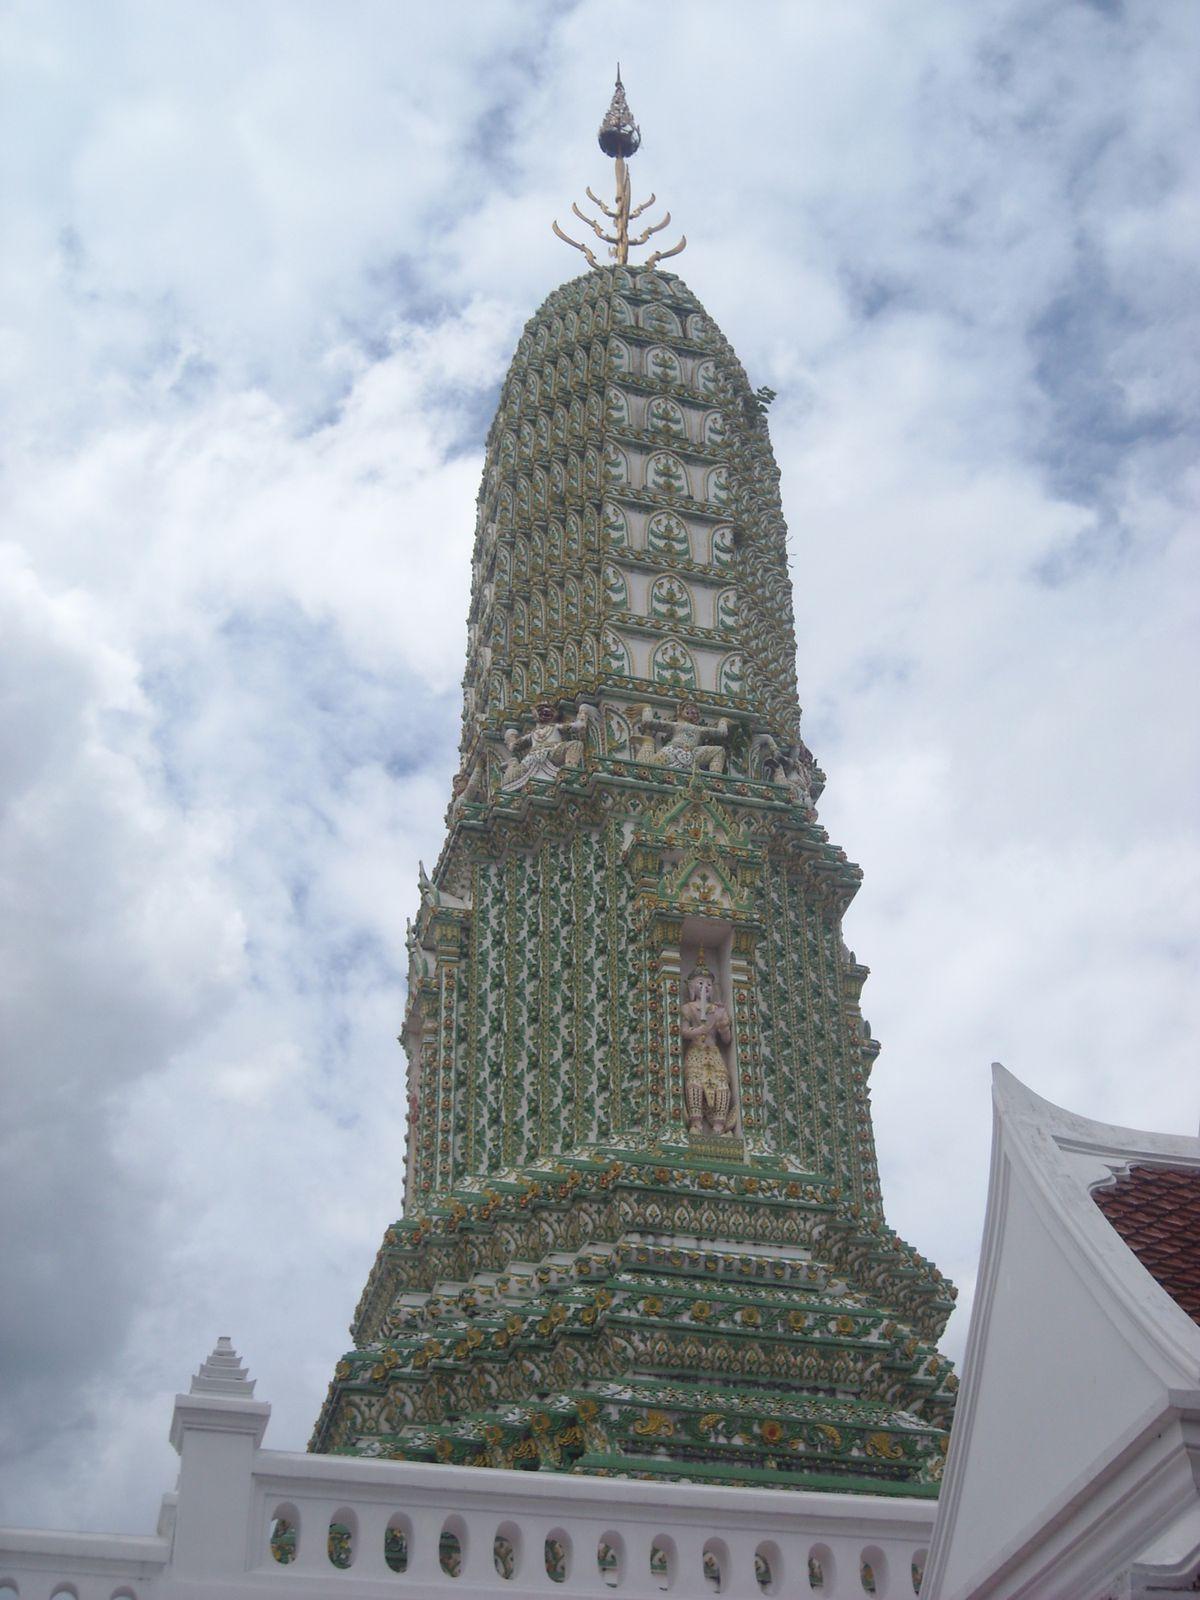 1. Entrée de Wat Traymit  2. Bouddha en or pur   3. Porte de China Town   4. Rue de China Town   5.  Sérieusement, qu'est ce que c'est que ça??   6. Toit de Wat Mangkon Kamalawat   7. Intérieur du temple  8. Offrandes fleuries    9. Temple inconnu mais fort joli   10. Idem   11. Wat Suthat   12. Donc c'est pas juste moi qui psychote, on est d'accord!   13. La balançoire géante    14. Le temple   15. Birthday girl    16. Toujours dans l'enceinte du temple  17. Ils ont l'air tellement vrais...    18. La 2ème, c'est interdiction aux durians (à cause de l'odeur) et la dernière...